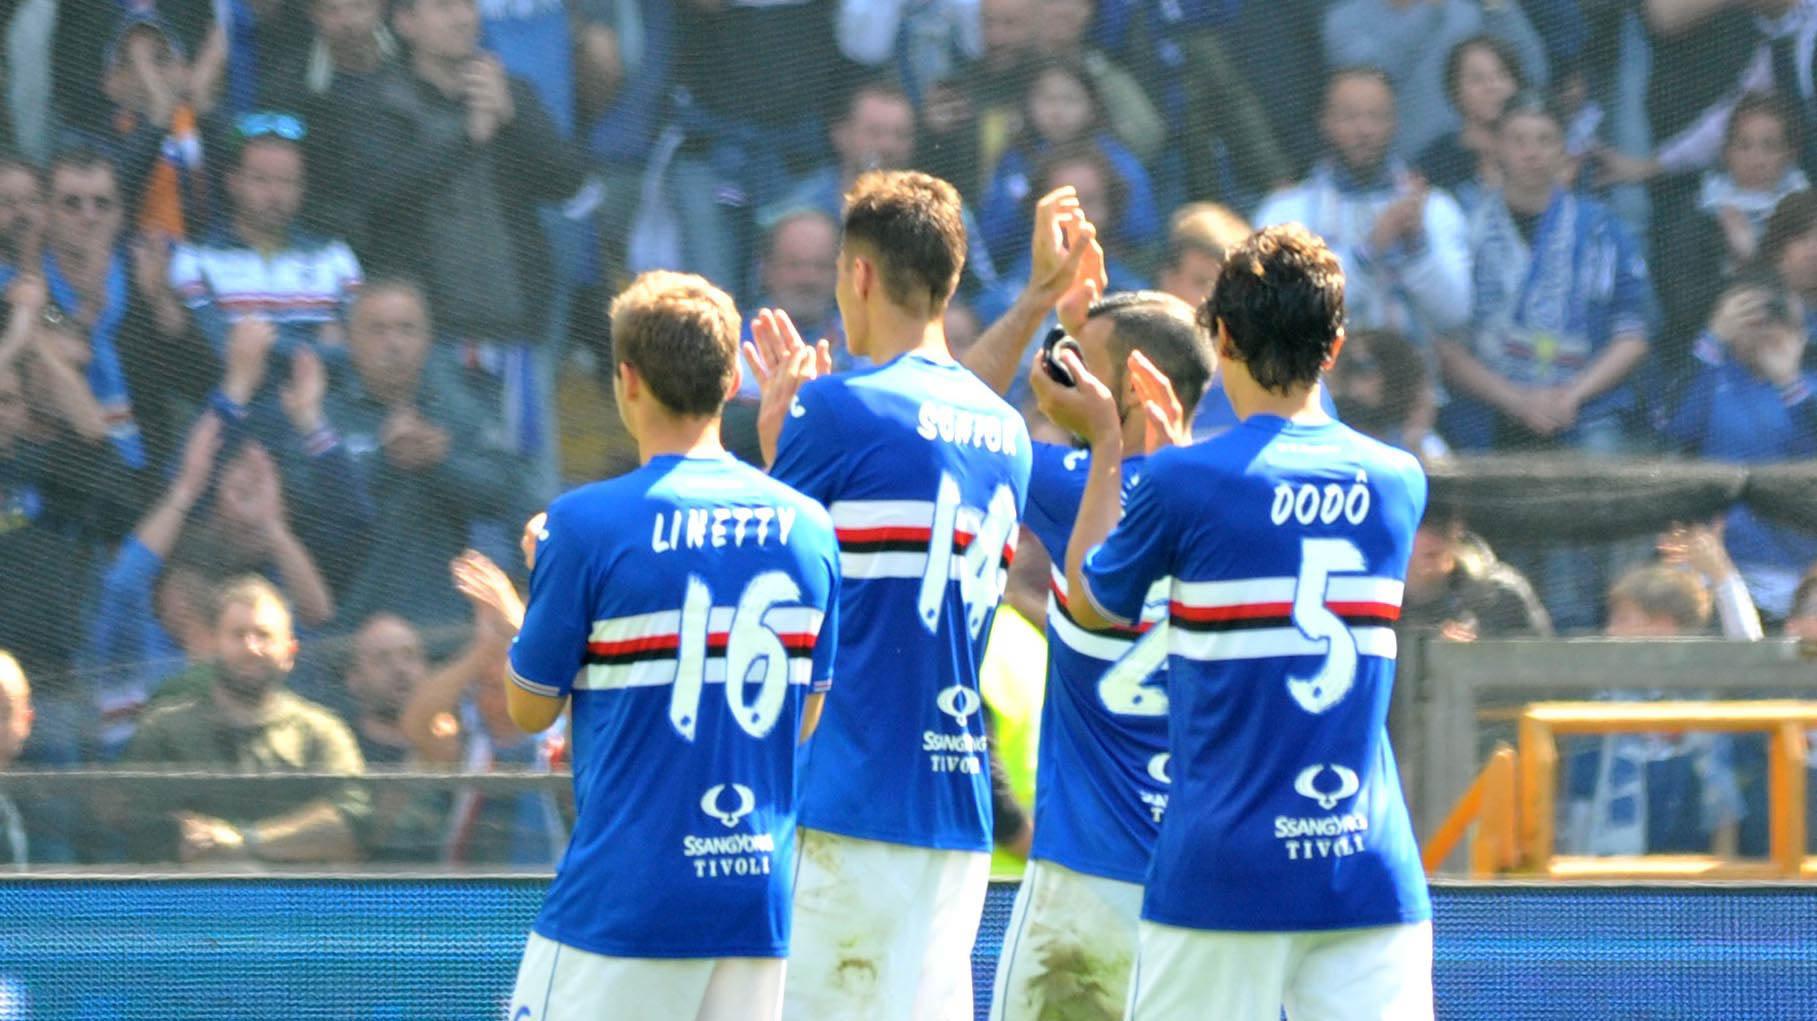 Sampdoria Schick